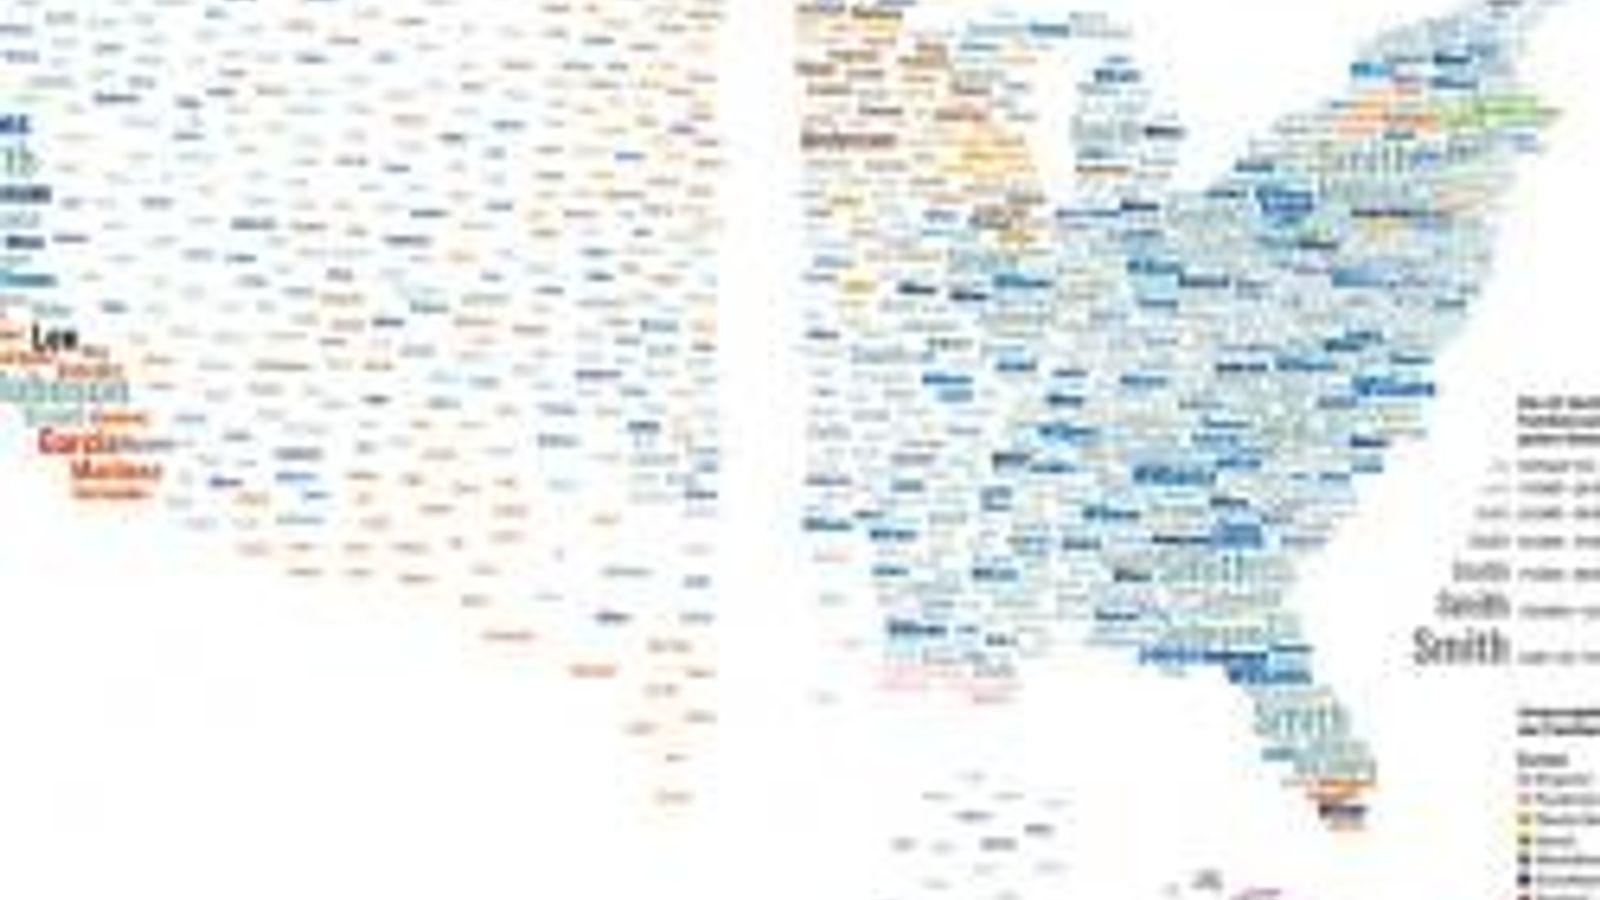 Namenswelten: Wer mag, kann seinen eigenen Namen auf einer Website eingeben und schauen, wo auf der ...